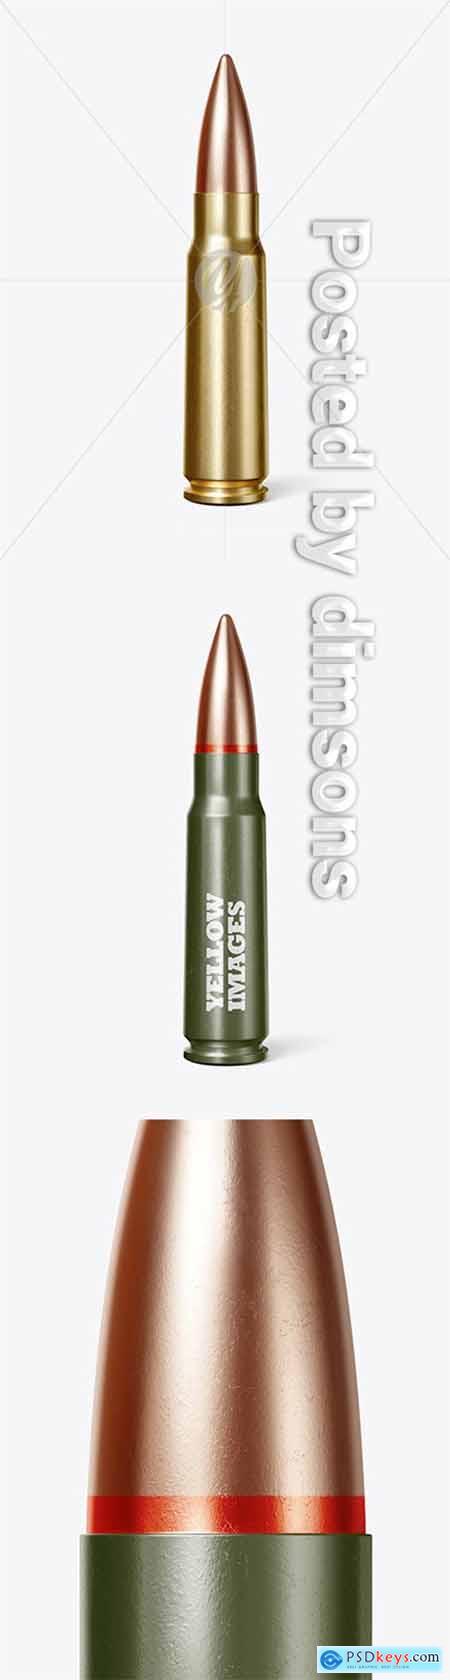 Bullet Mockup 51456